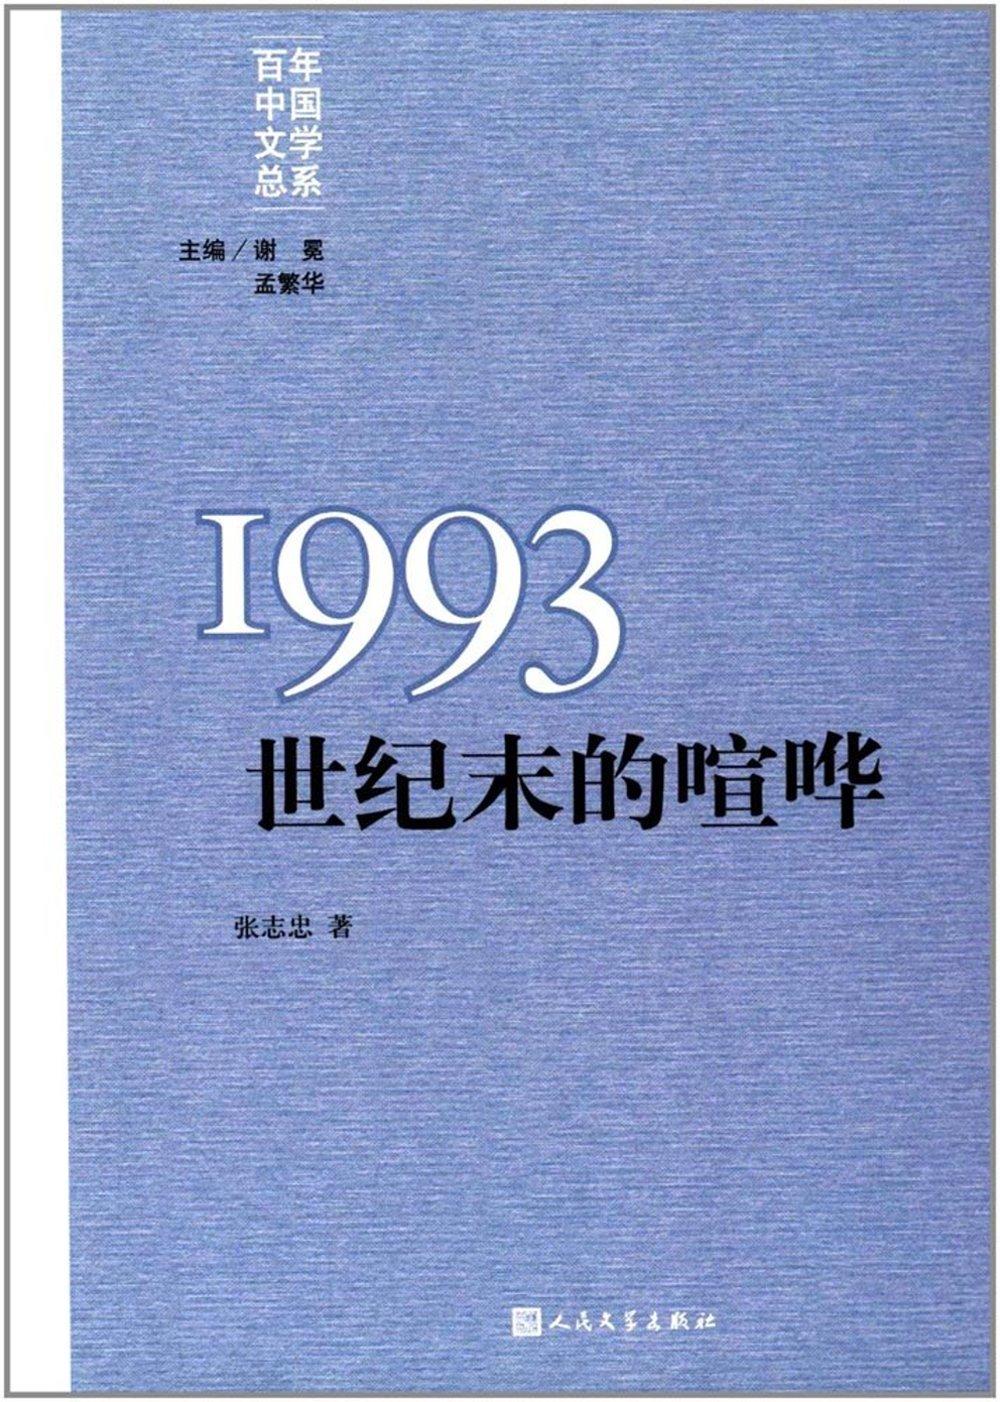 百年中國文學總系:1993世紀末的喧嘩